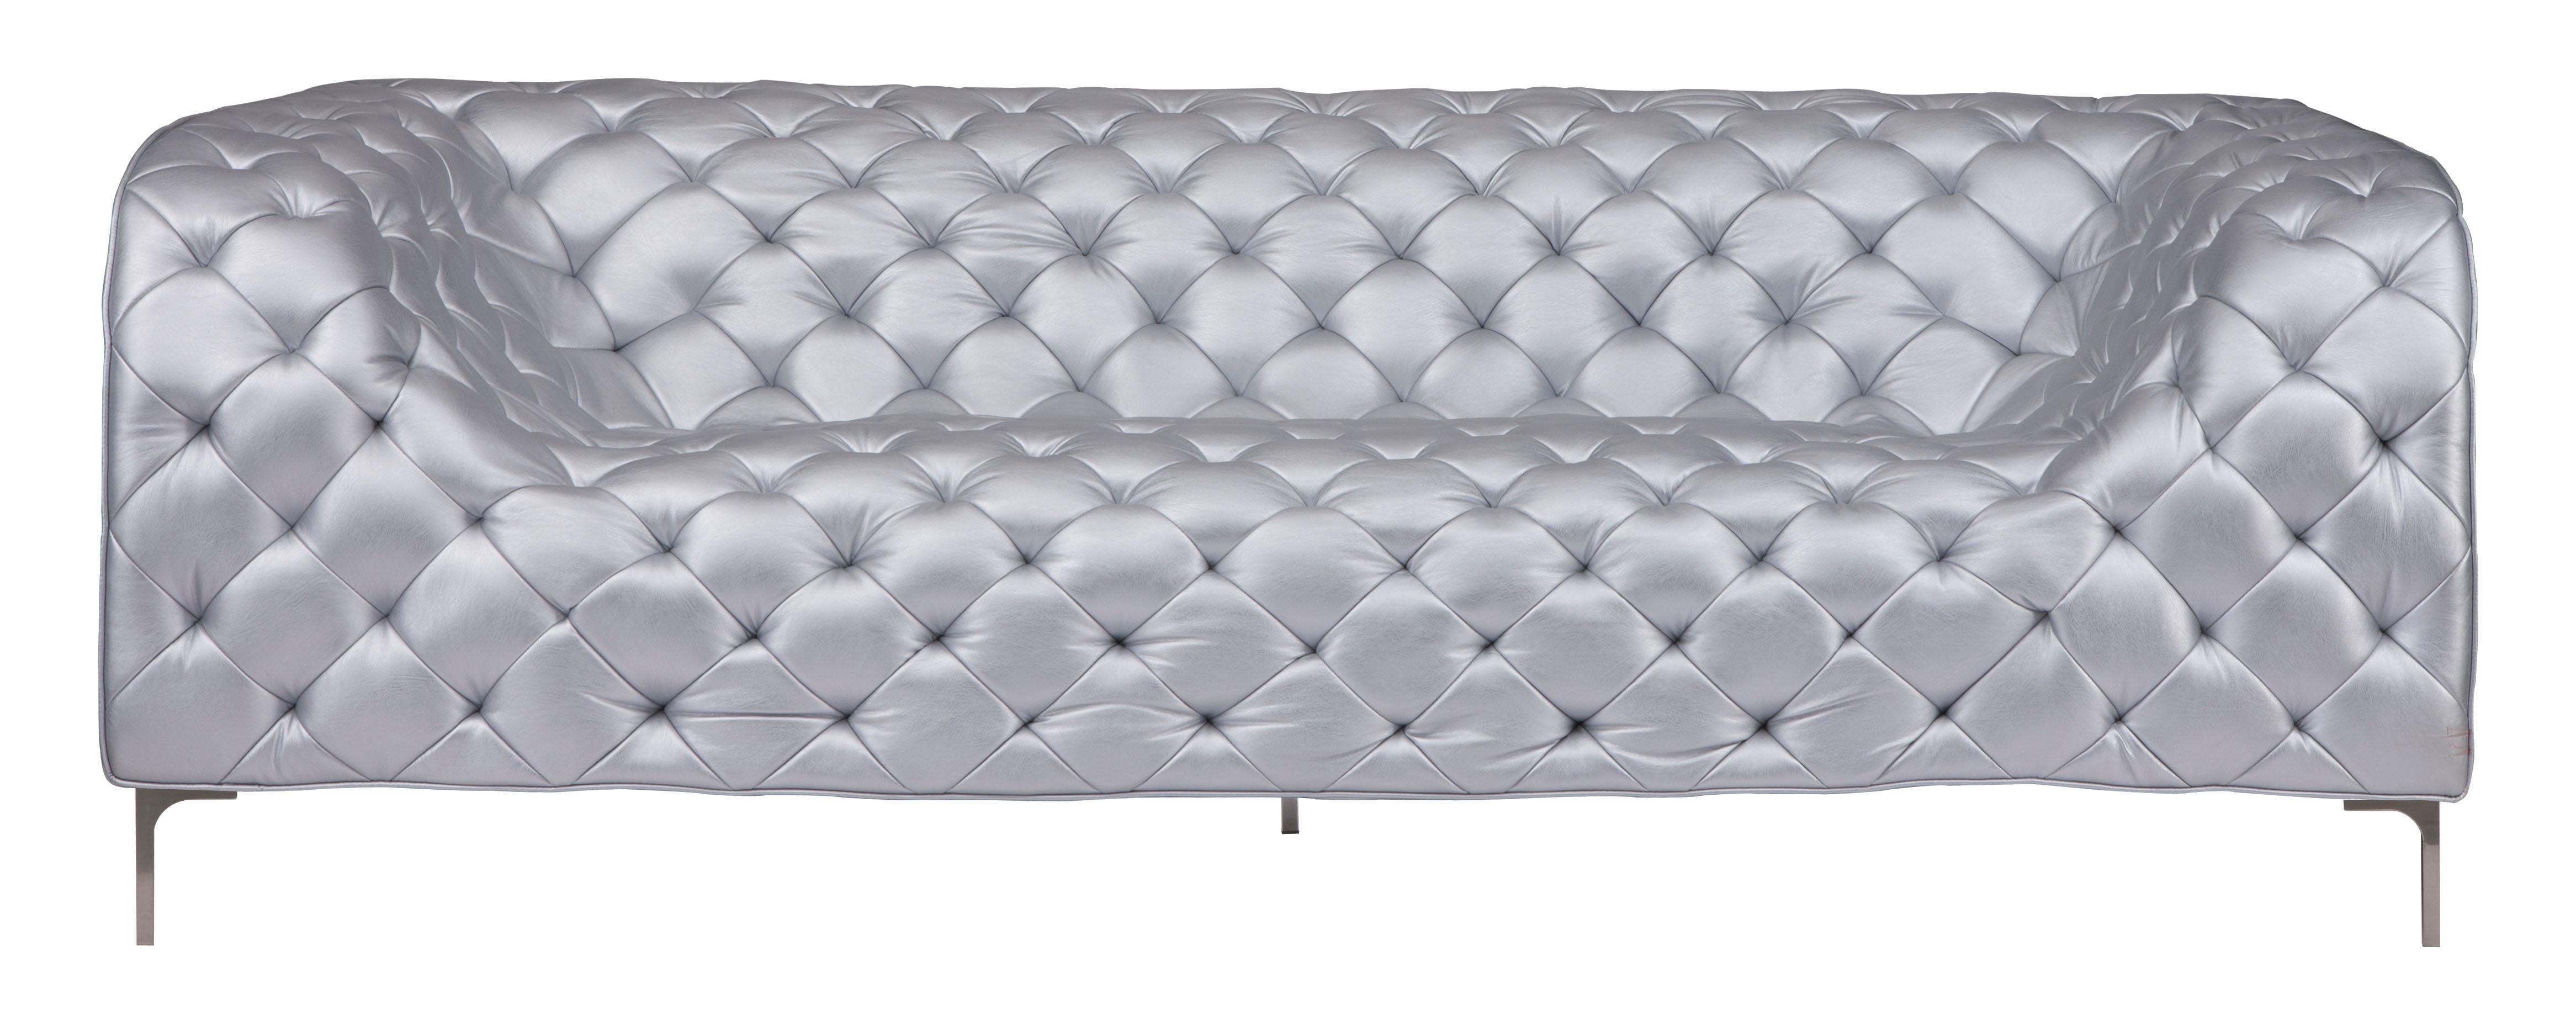 providence-sofa-in-silver.jpg